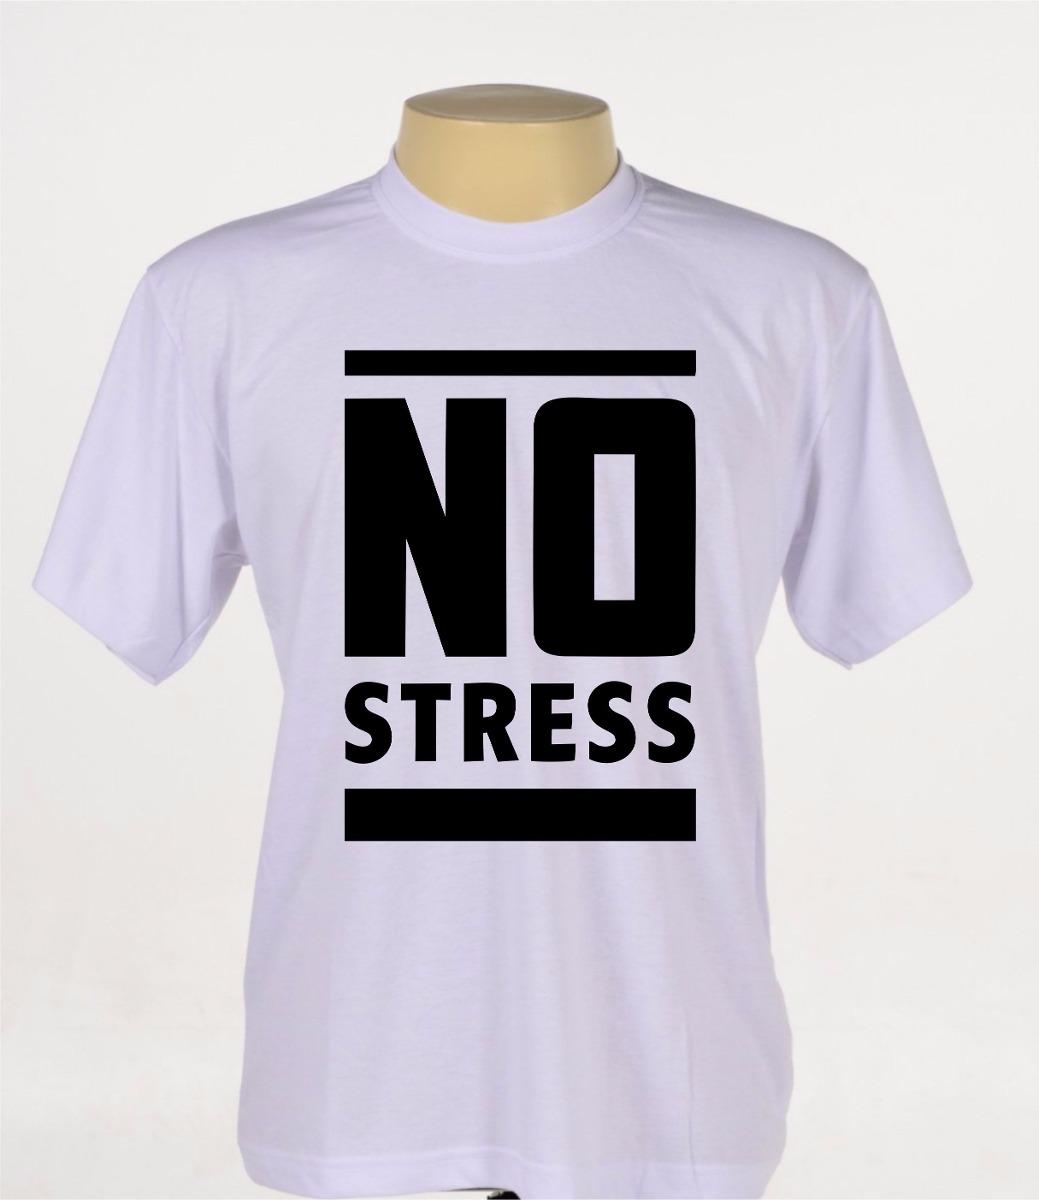 de31fec7527 camisetas camisas estampadas engraçadas divertidas no stress. Carregando  zoom.